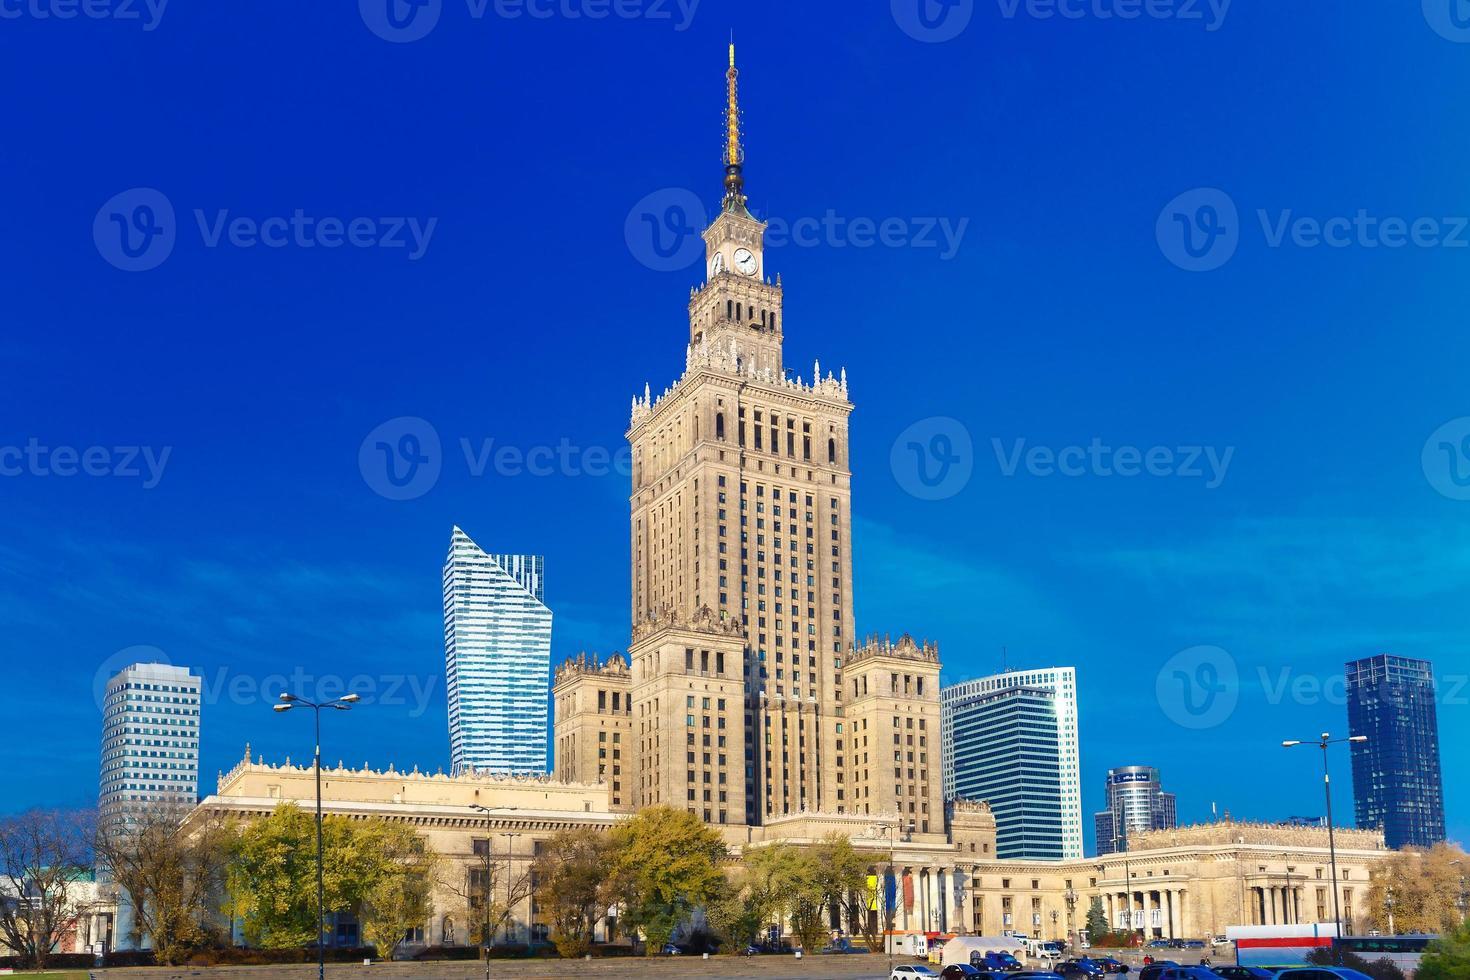 Palais de la culture et des sciences dans le centre-ville de Varsovie, Pologne. photo